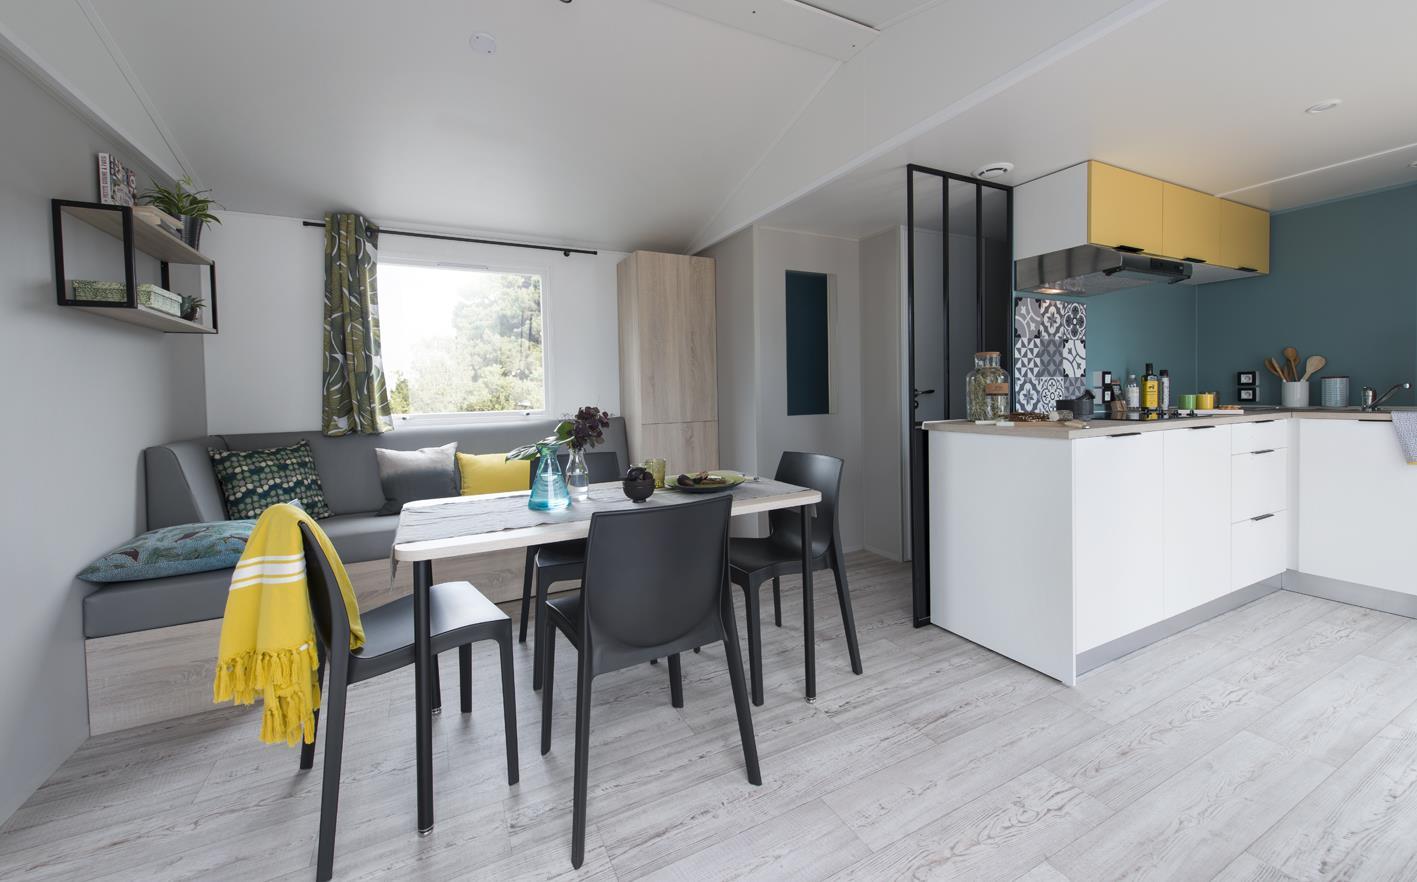 Location - Mobil Home Ciela Prestige - 40M² - 1 Suite Parentale- 2 Chambres- 2 Salles De Bain- Climatisation - Tv - Lave Vaisselle - Draps Inclus - Camping Terra Verdon-Ciela Village